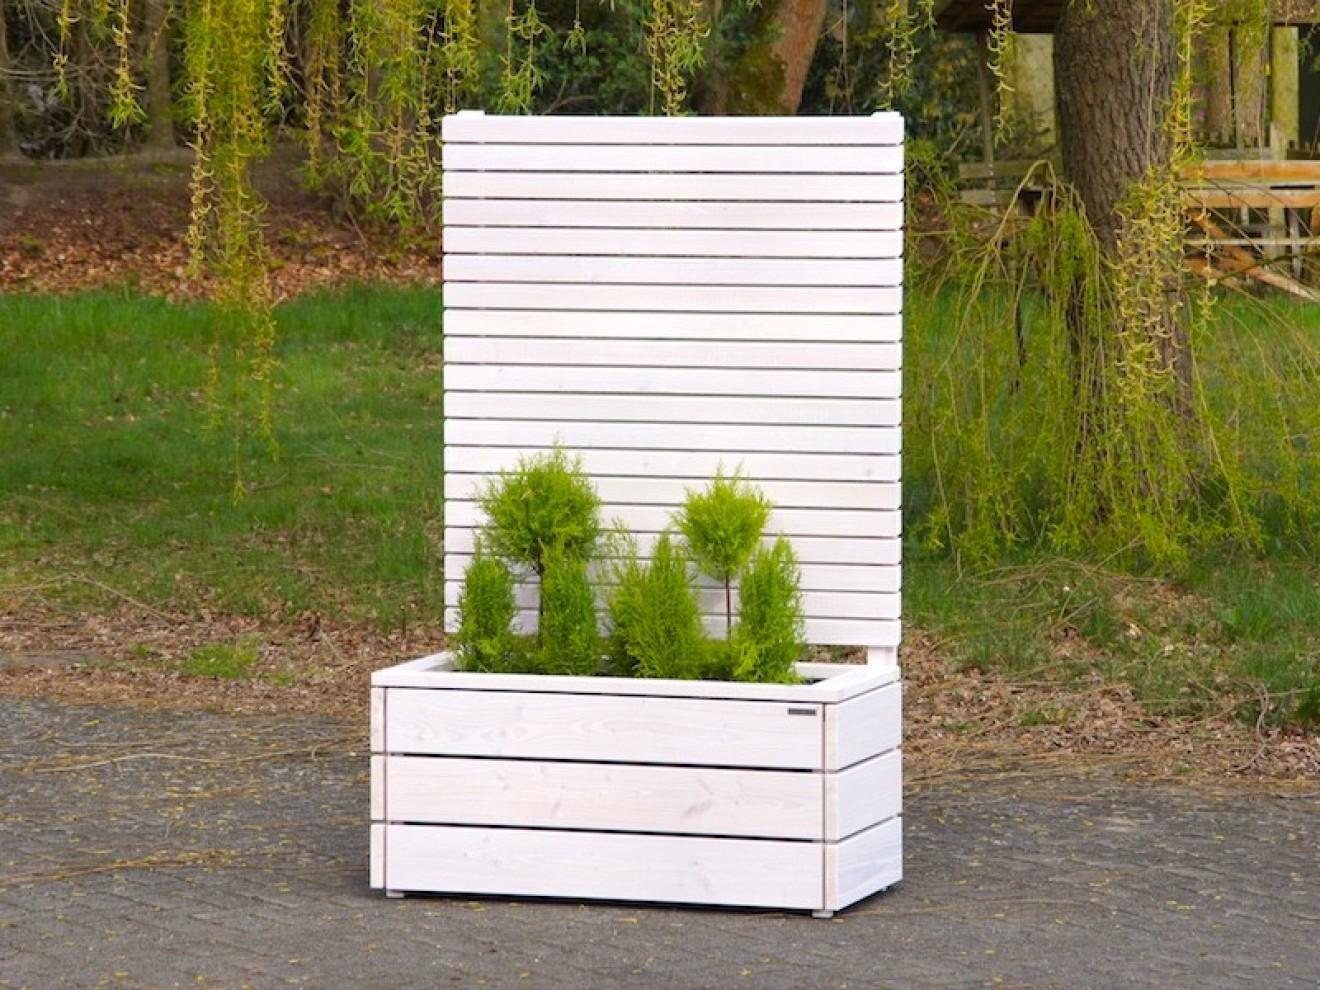 pflanzkasten mit sichtschutz heimisches holz made in germany. Black Bedroom Furniture Sets. Home Design Ideas